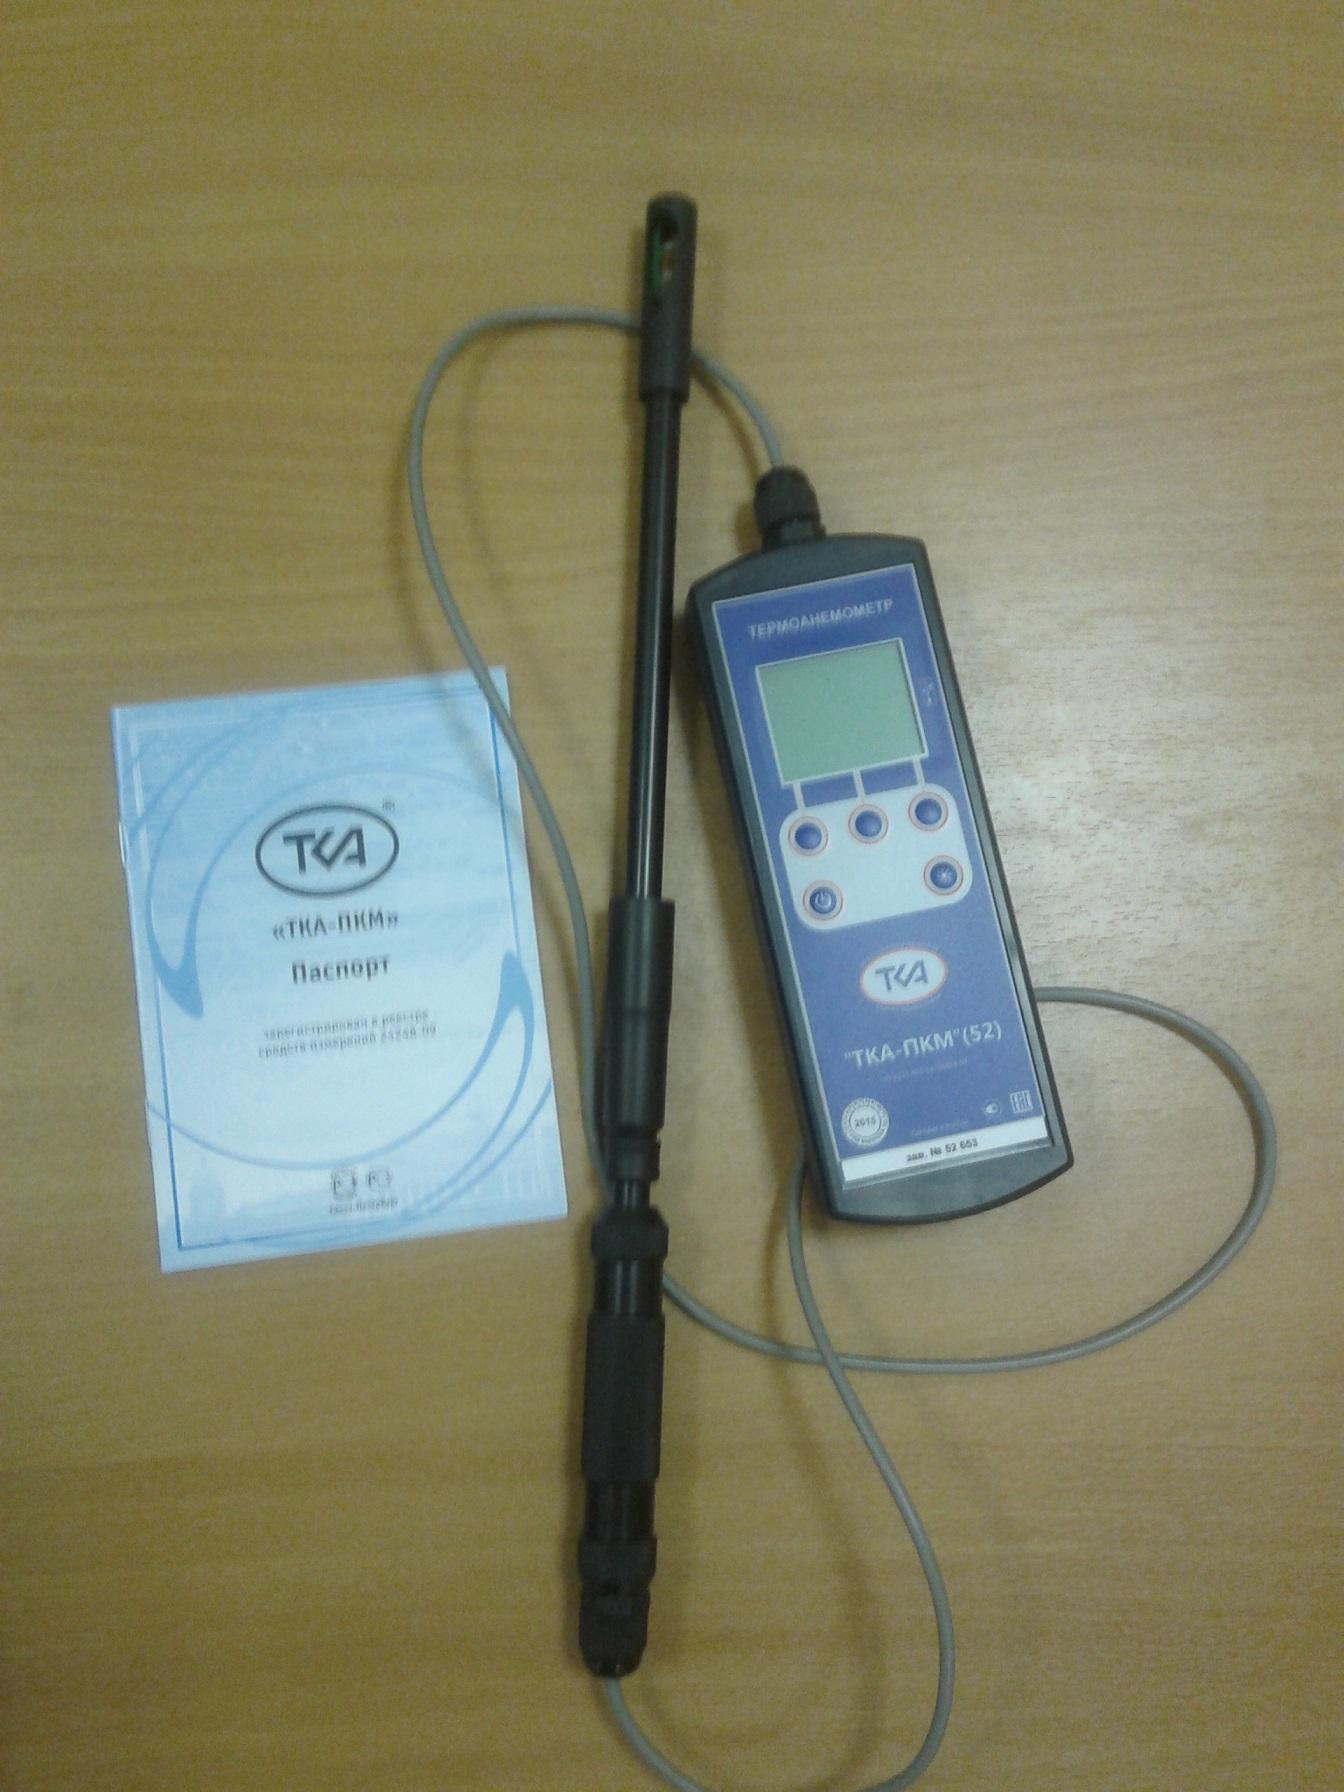 Анемометр ТКА для замера скорости воздуха в воздуховоде